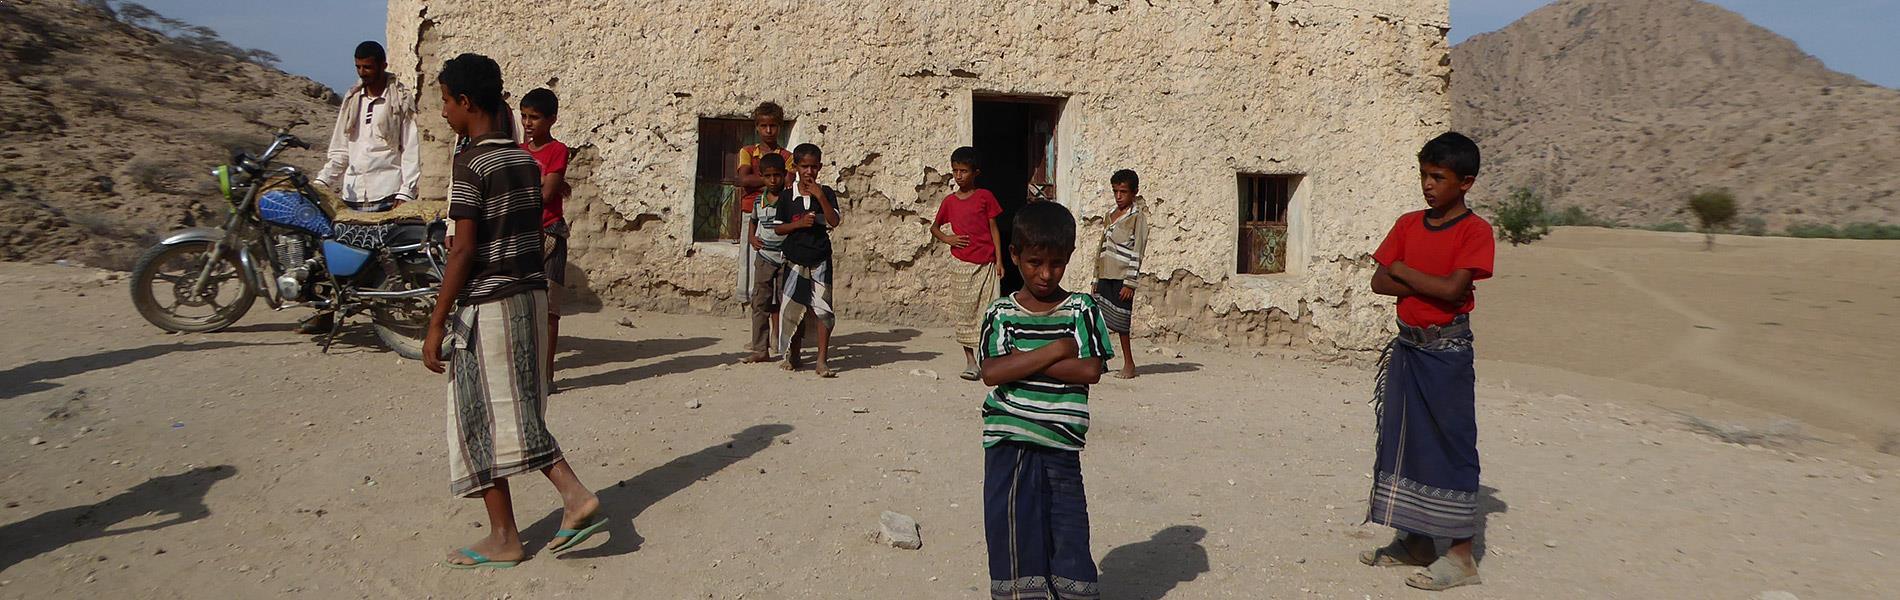 Yémen Enfants Désert